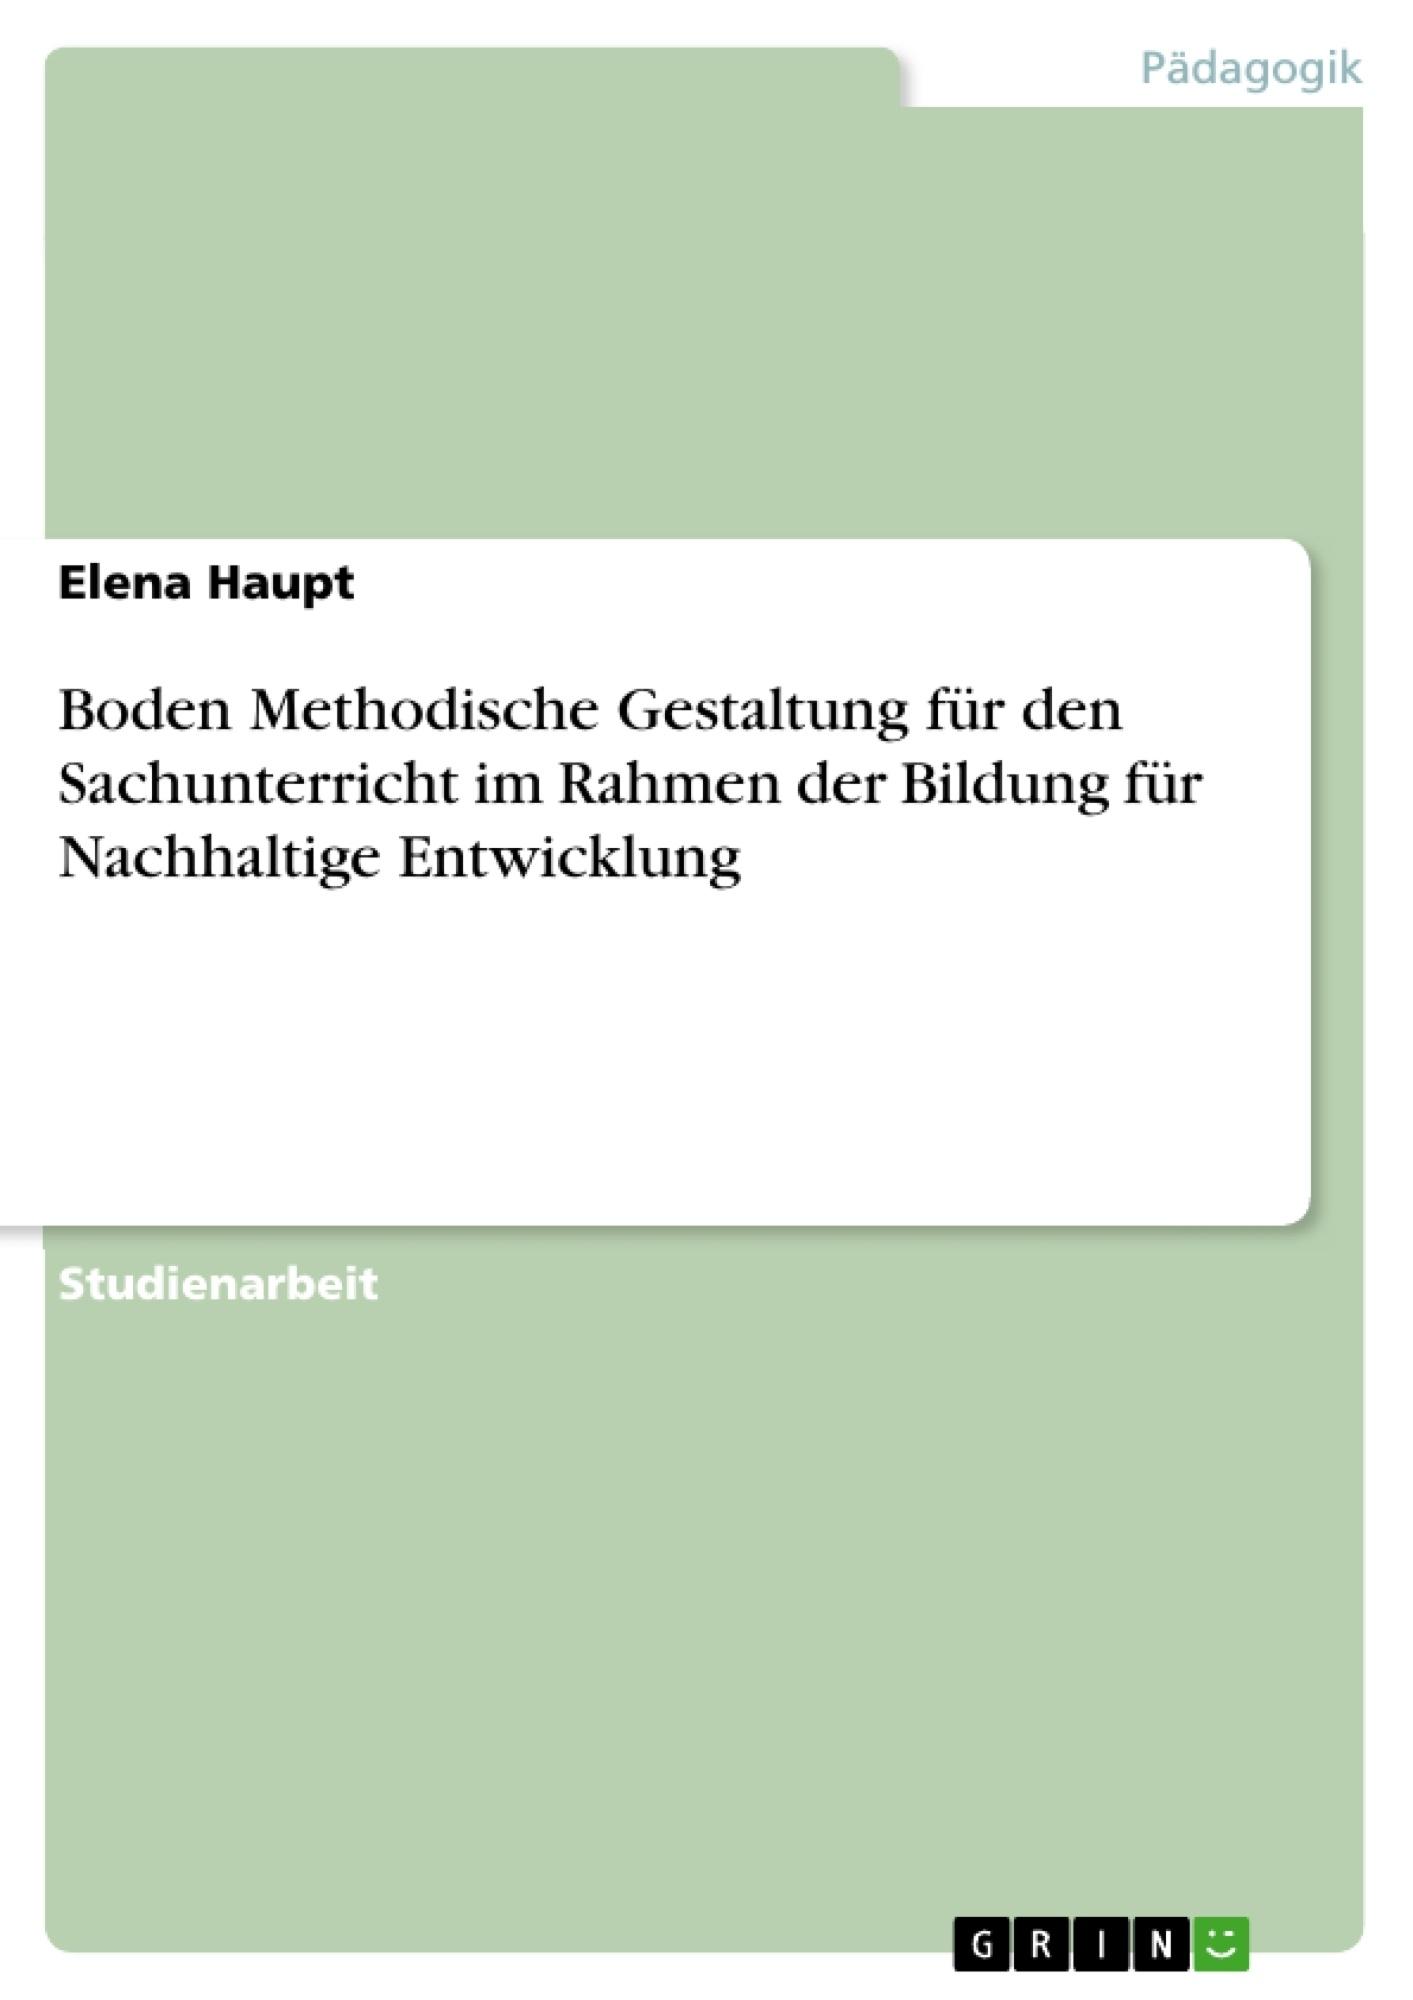 Titel: Boden Methodische Gestaltung für den Sachunterricht im Rahmen der Bildung für Nachhaltige Entwicklung